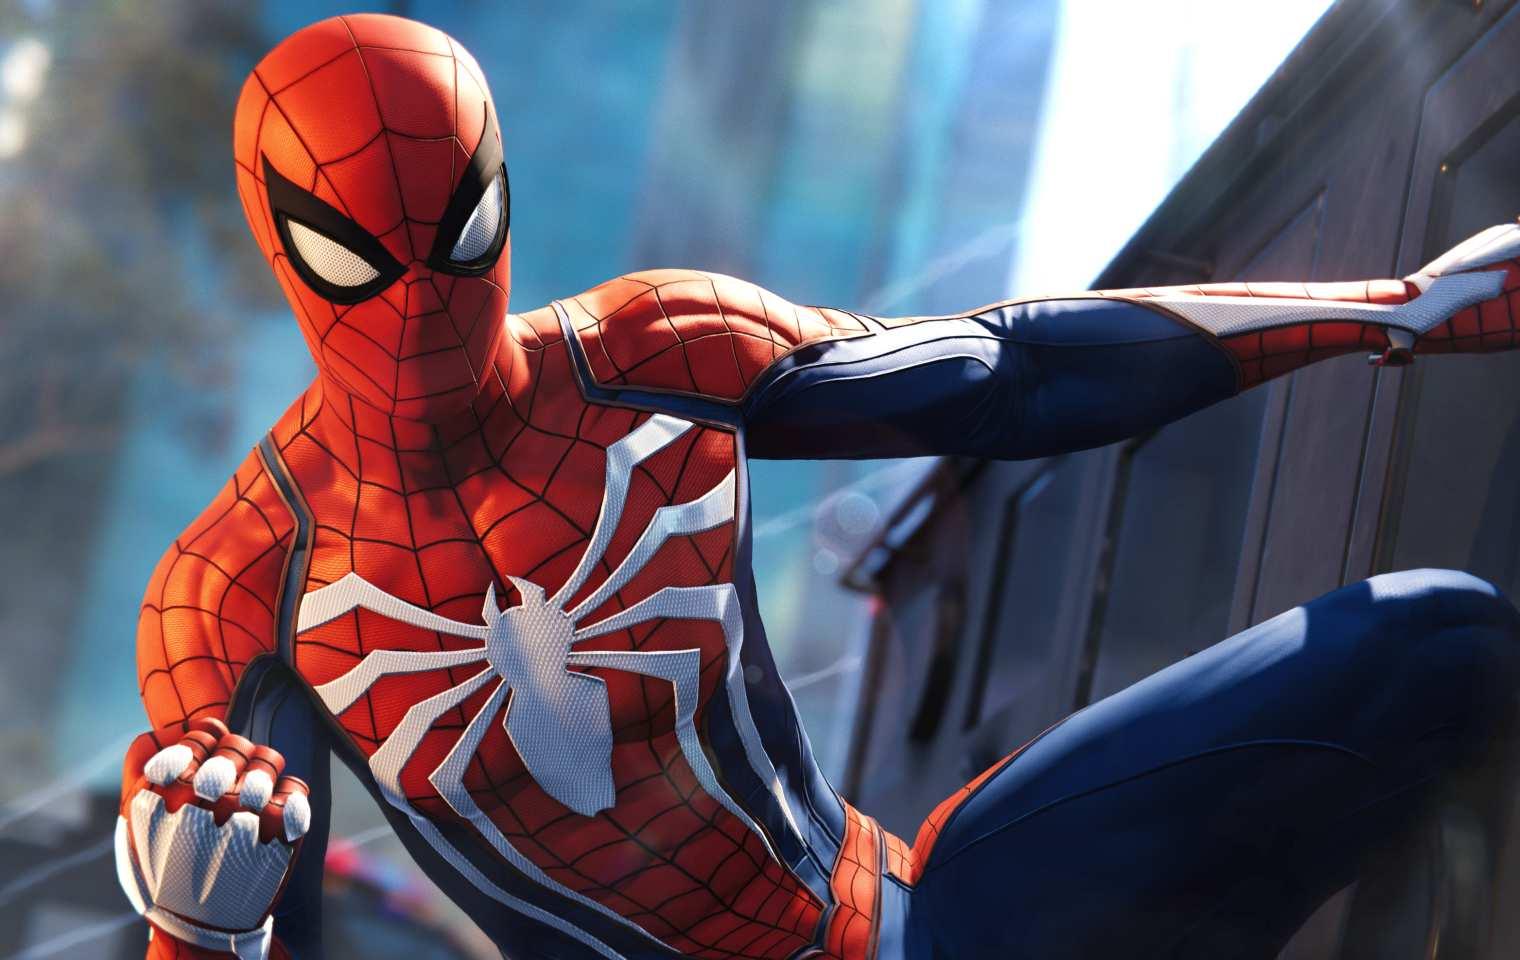 10 Best Spider Man 2099 Wallpaper Full Hd 1080p For Pc: Spider-Man Im Test: Mit Schwung, Köpfchen Und Herz Auf PS4